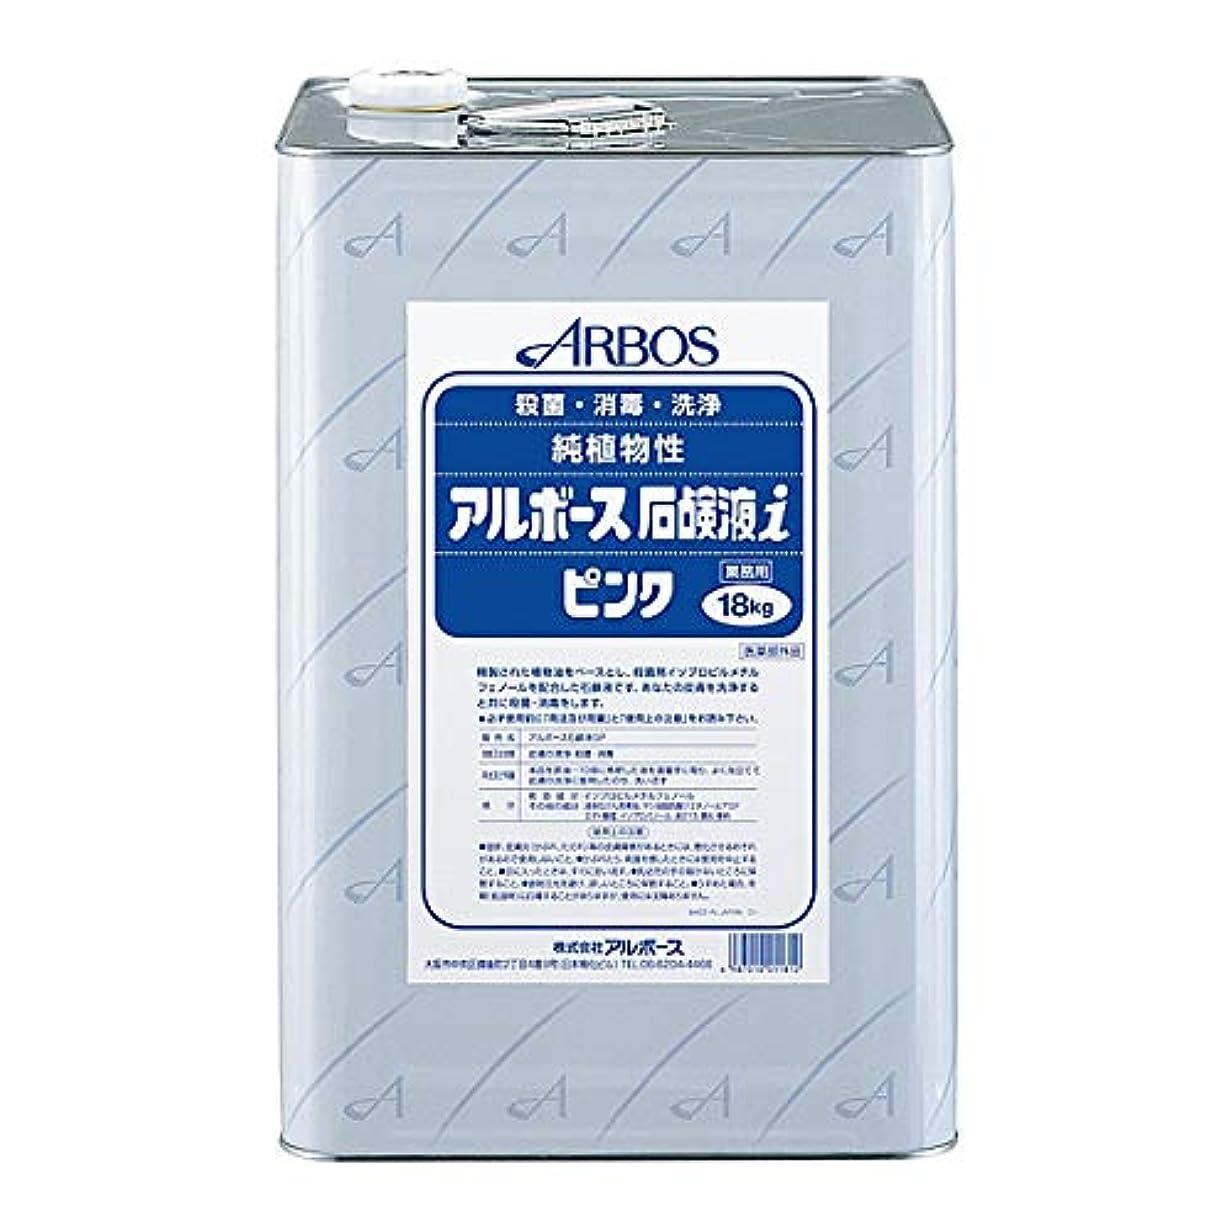 【清潔キレイ館】アルボース石鹸液i ピンク(18L)+つめブラシ1個 オマケ付